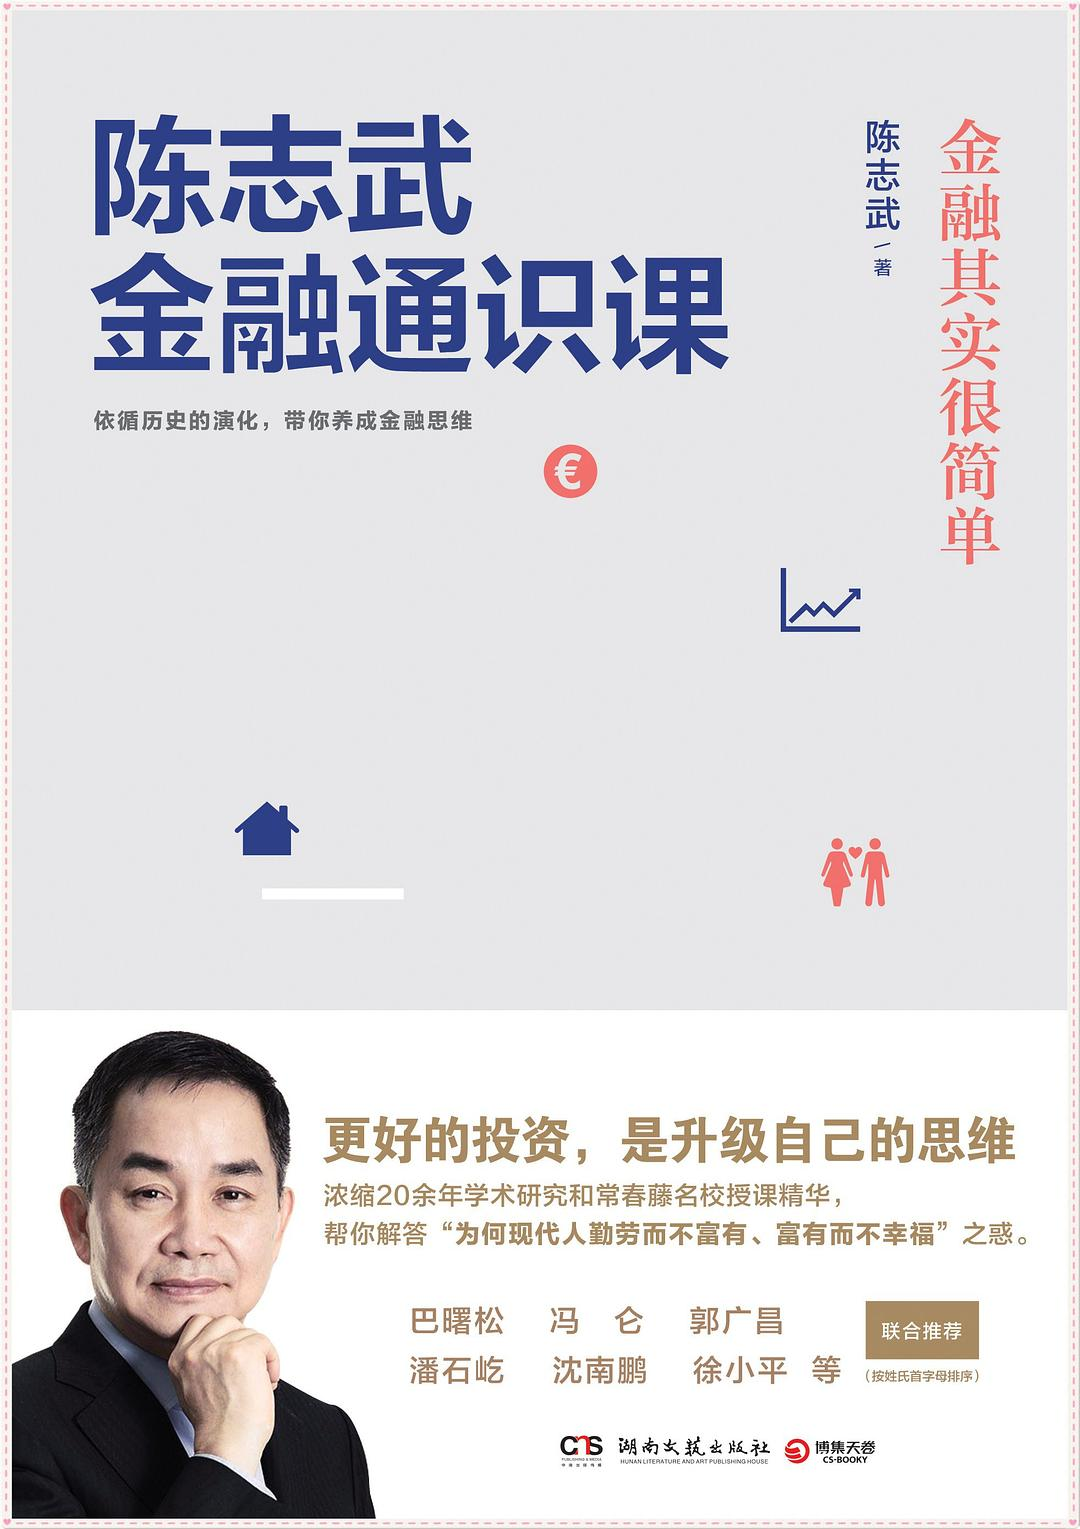 樊登读书会:陈志武金融通识课